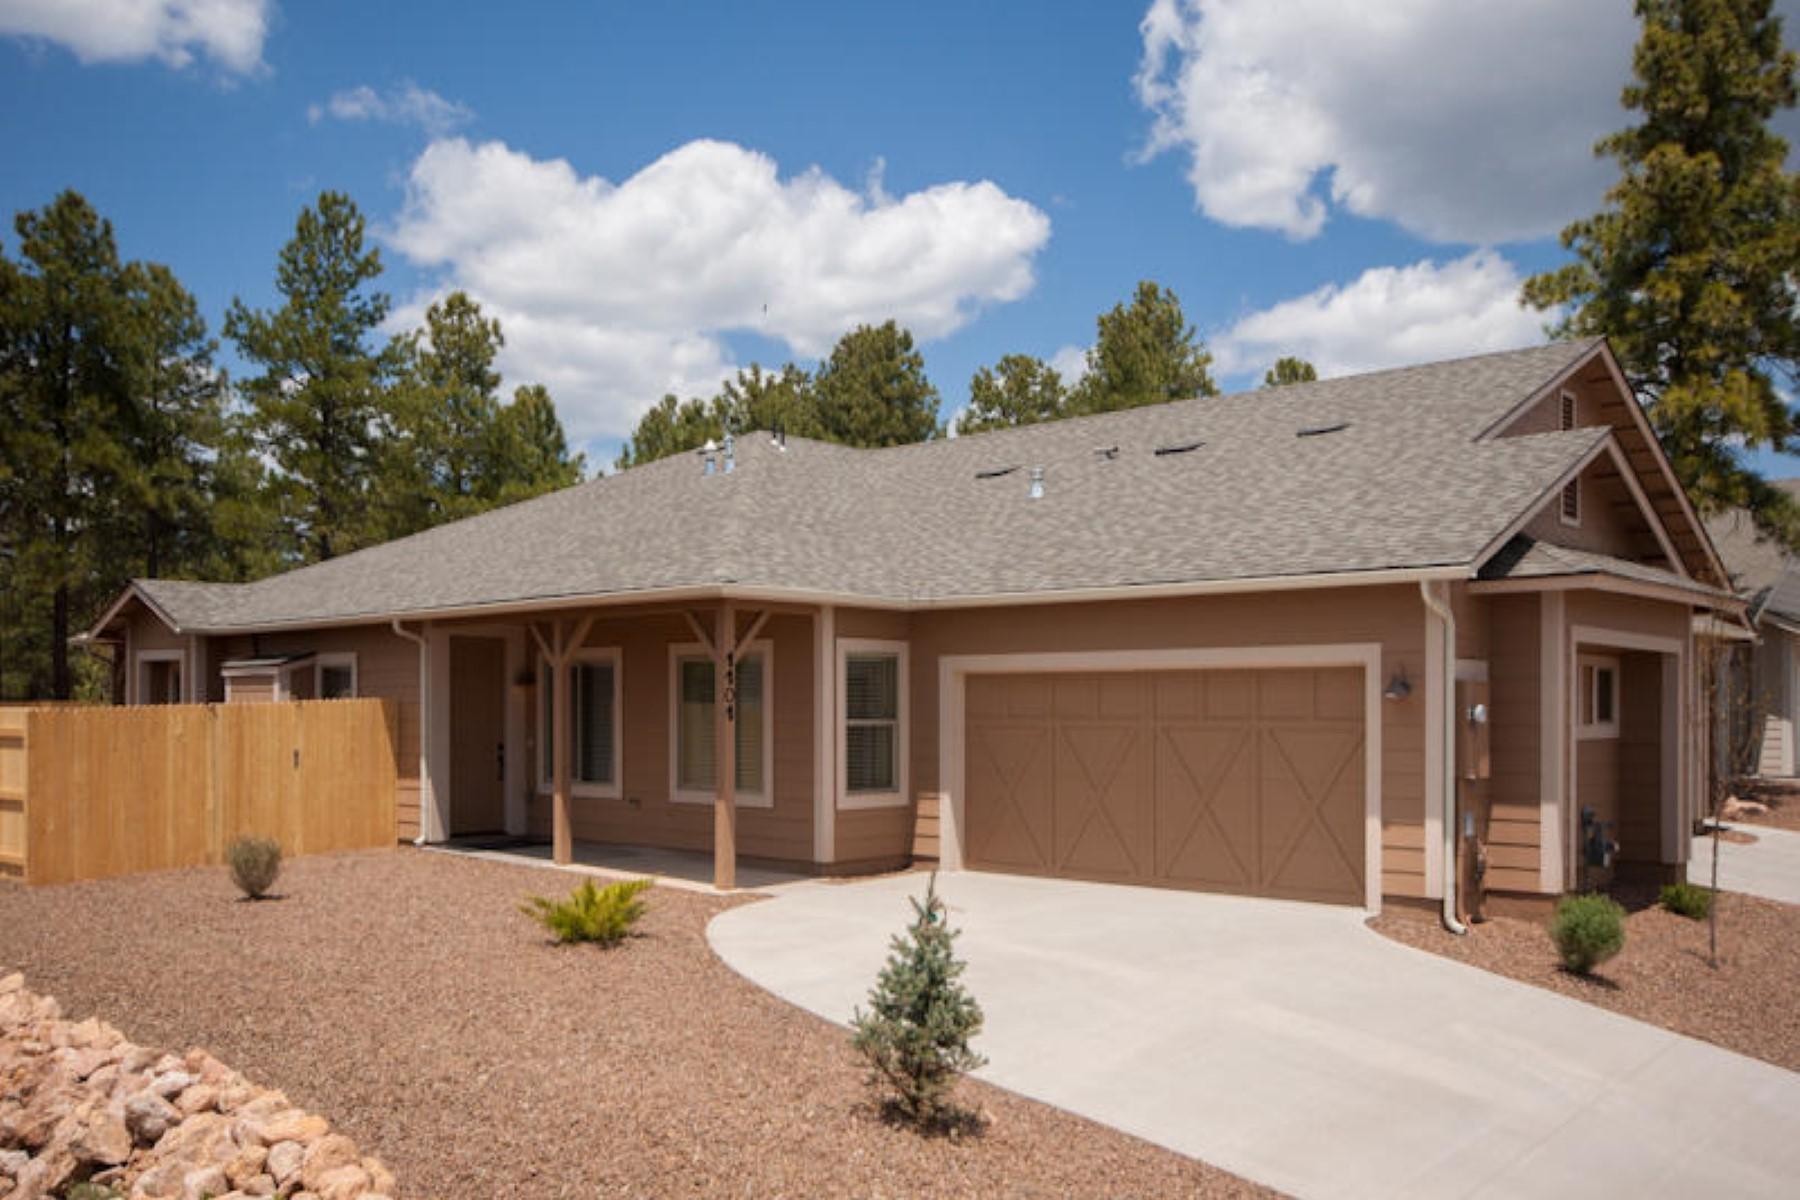 Maison unifamiliale pour l Vente à Quality Construction by Miramonte Homes 1124 N Waterside DR Lot 17 Flagstaff, Arizona 86004 États-Unis